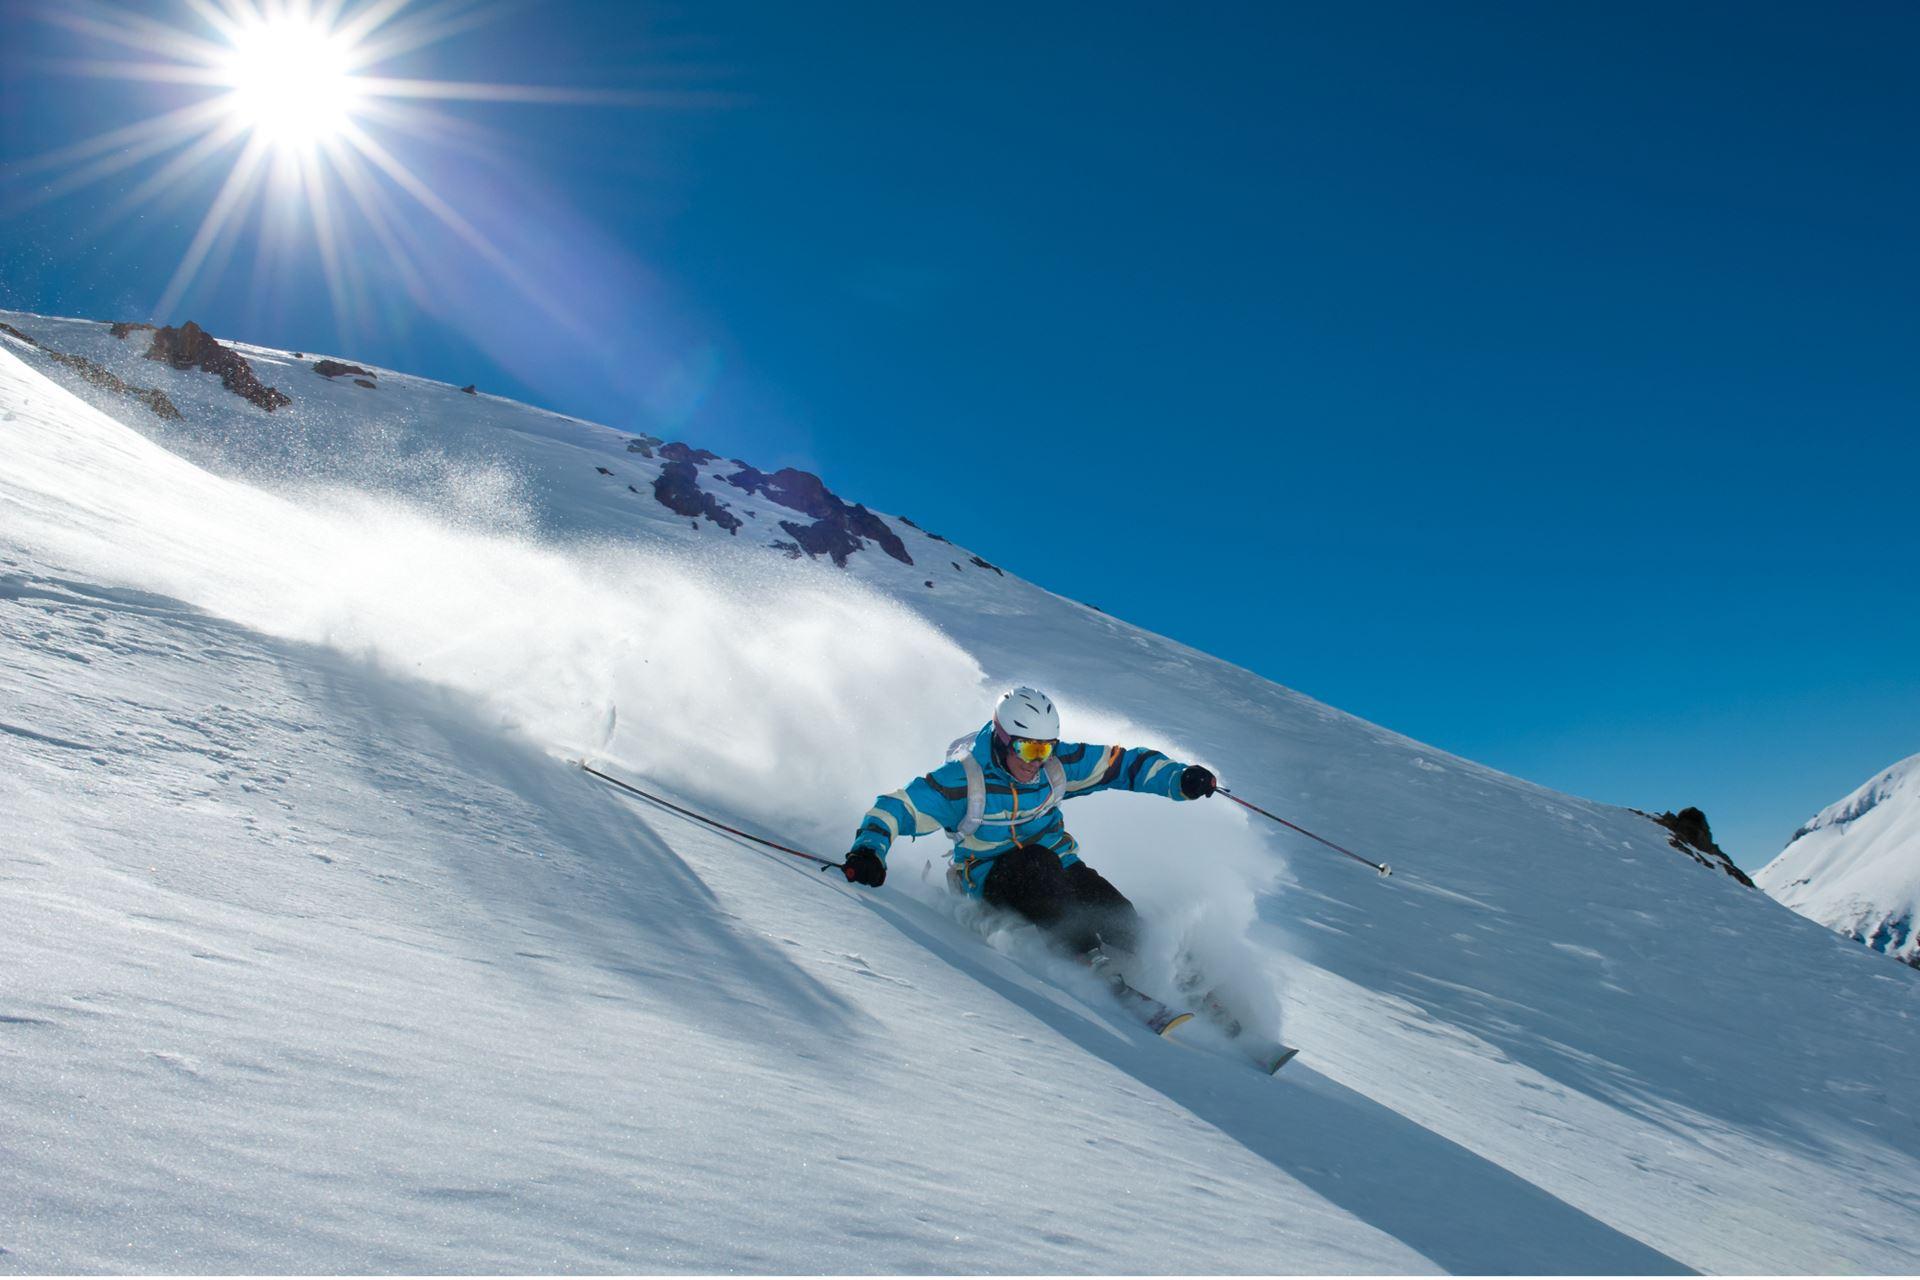 Guia de Chapelco: o centro de esqui de San Martín de Los Andes